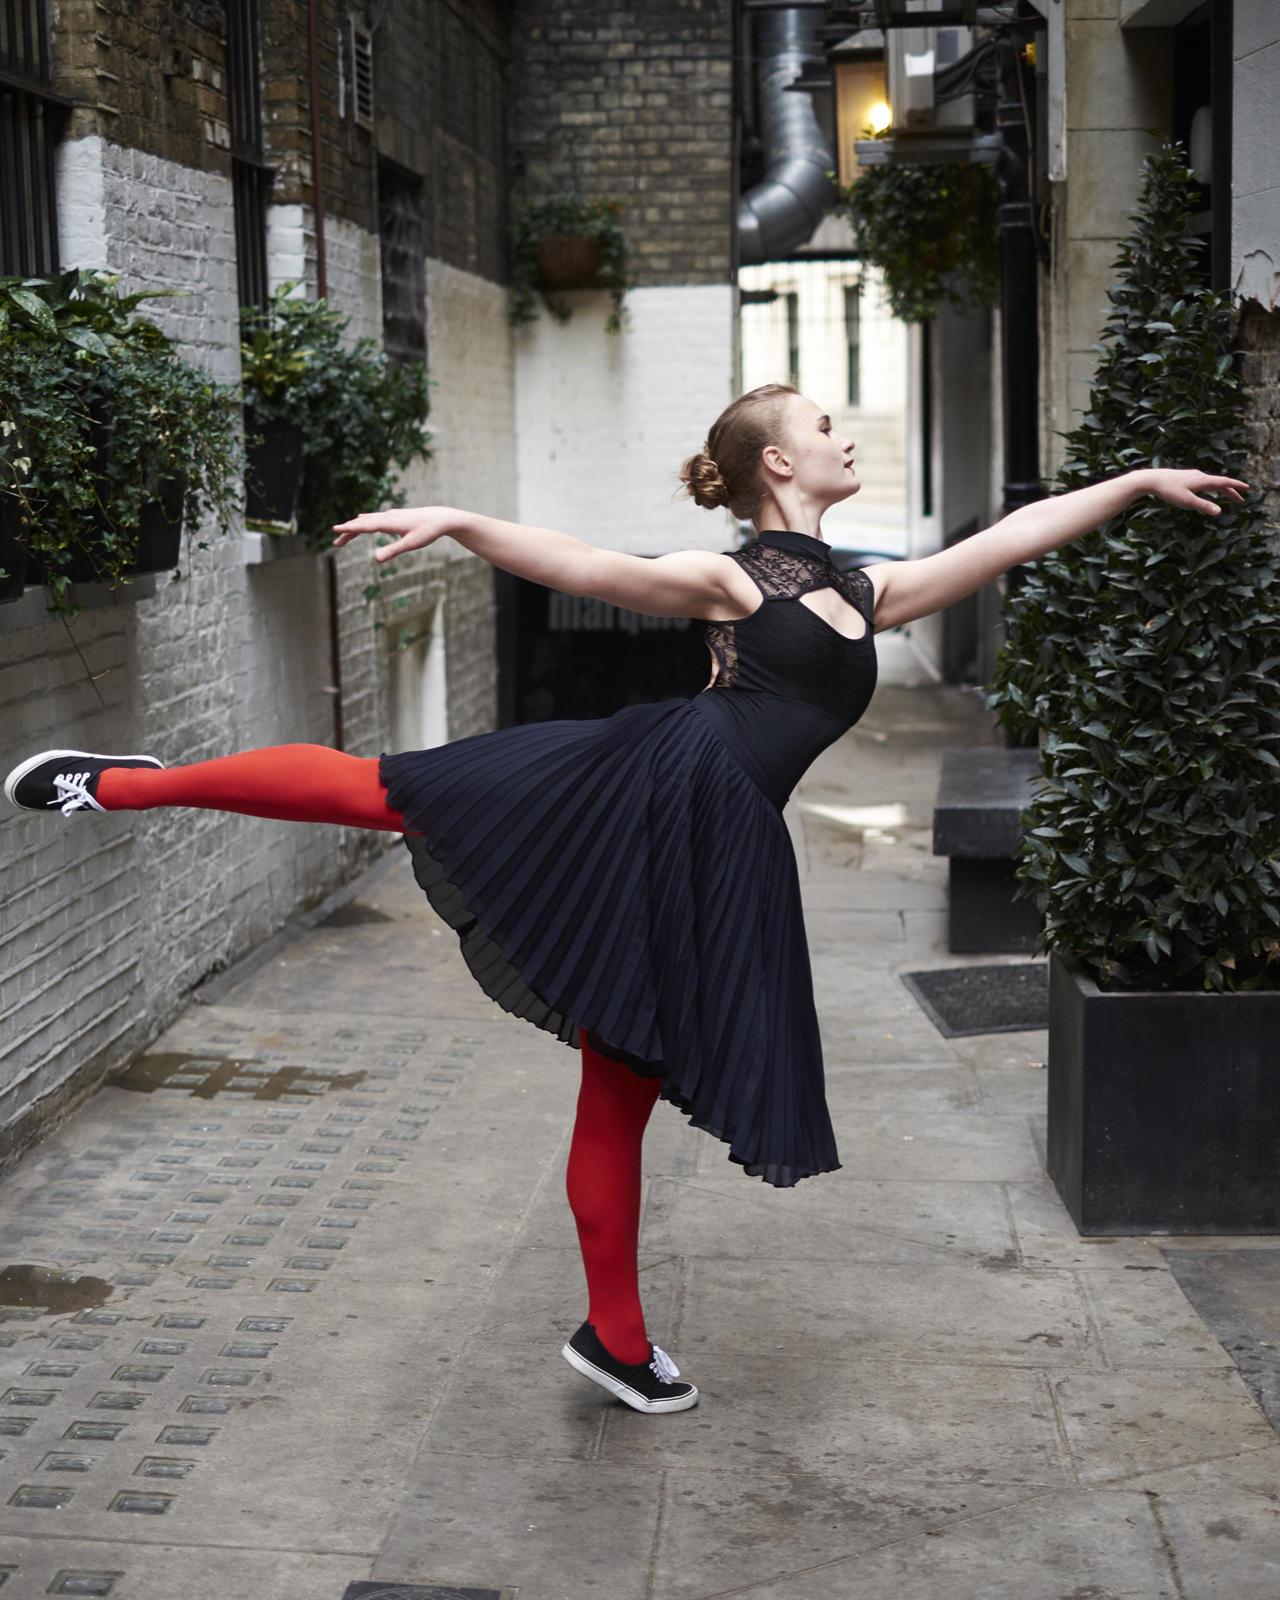 Foto van een ballerina op straat in pose met rode maillot